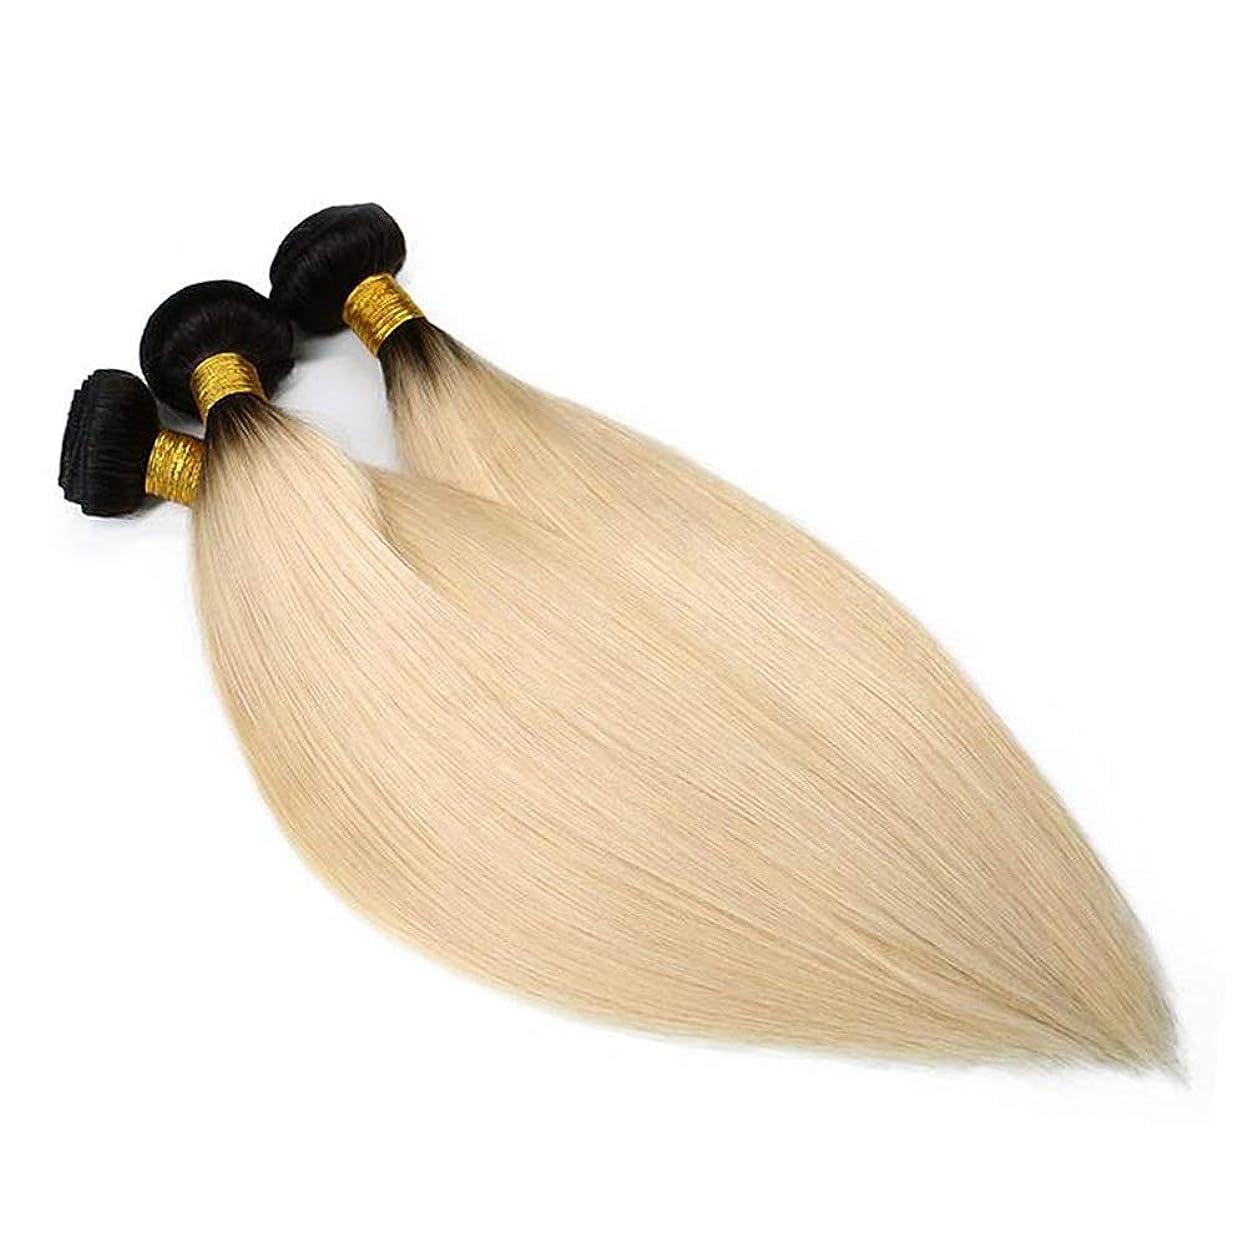 に対応挨拶するアソシエイトBOBIDYEE 18インチ人間の髪織りバンドルブラジルのヘアエクステンション横糸ストレート#1B / 613ブロンド(1バンドル、100g)合成毛髪のレースのかつらロールプレイングかつら (色 : Blonde, サイズ : 22 inch)